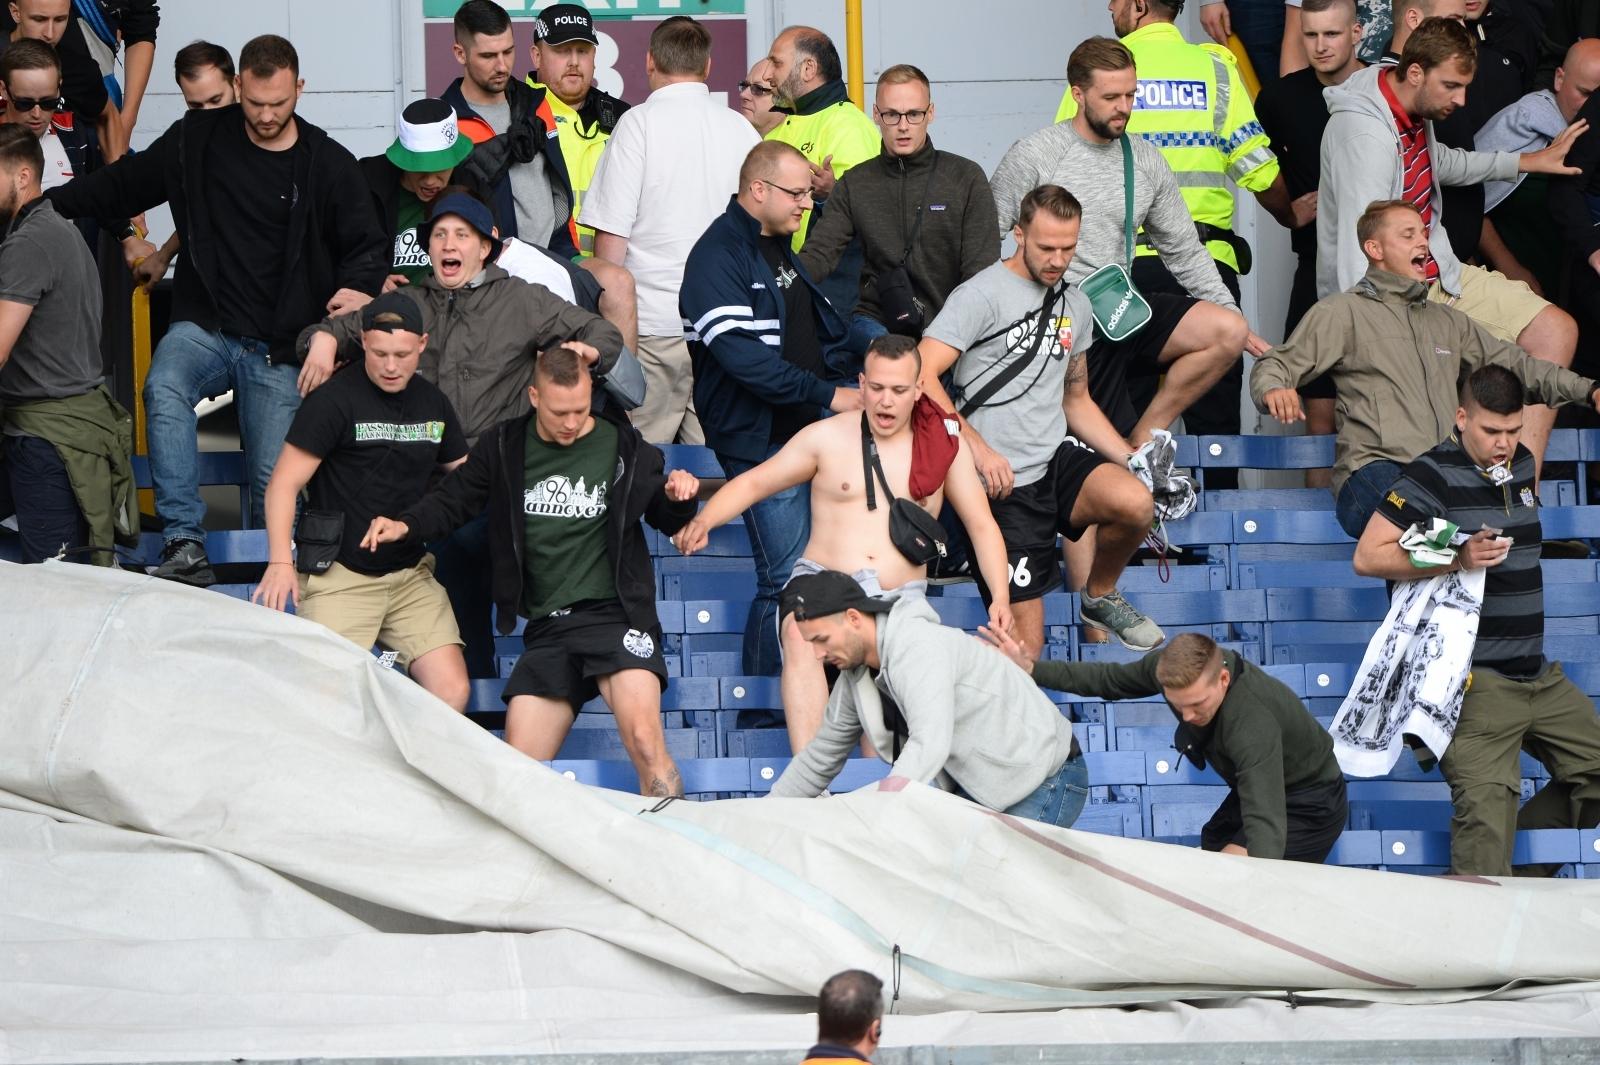 Hannover 96 fans